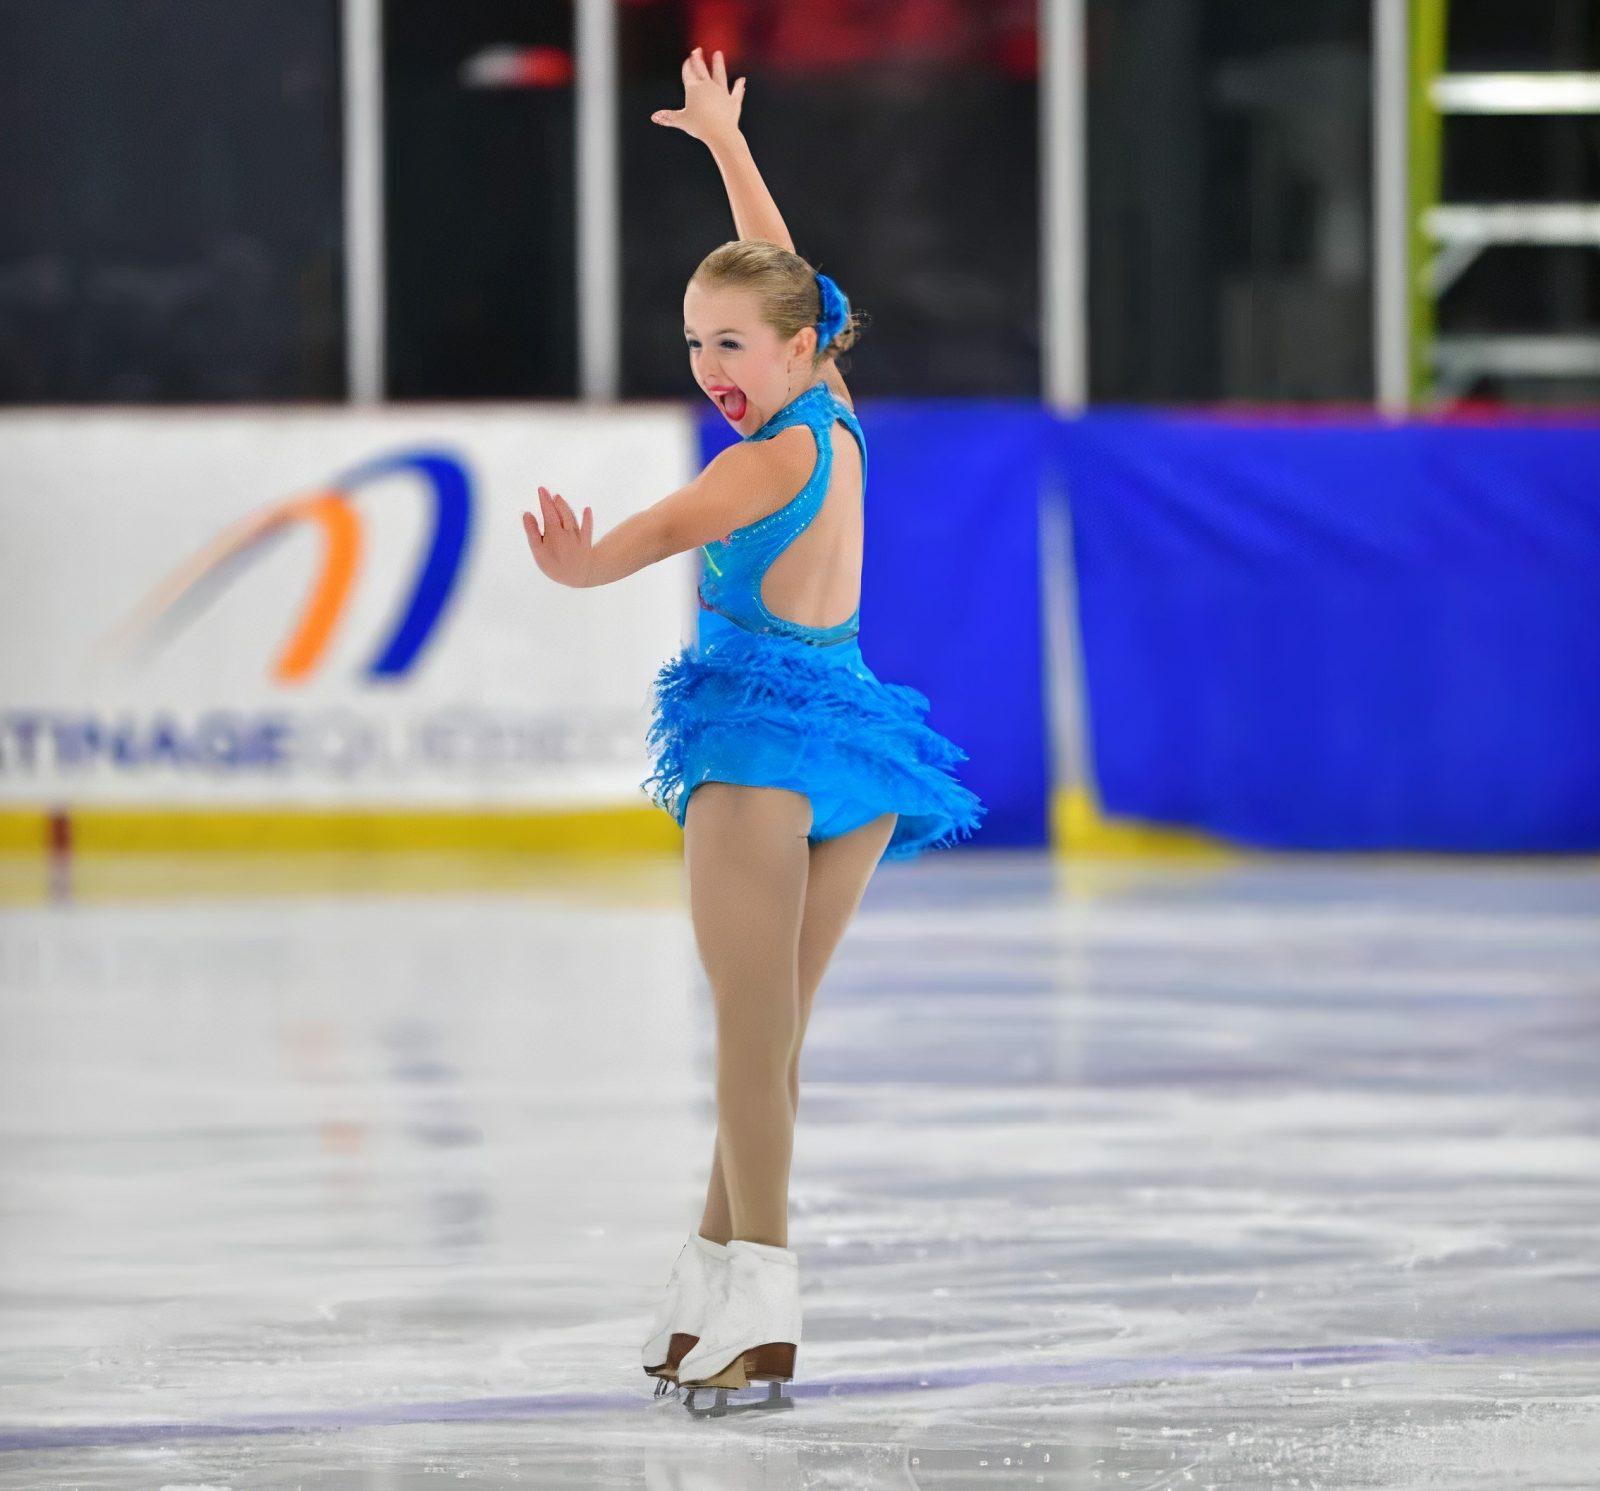 Championnats provinciaux en mode virtuel: un beau dénouement pour les jeunes patineurs